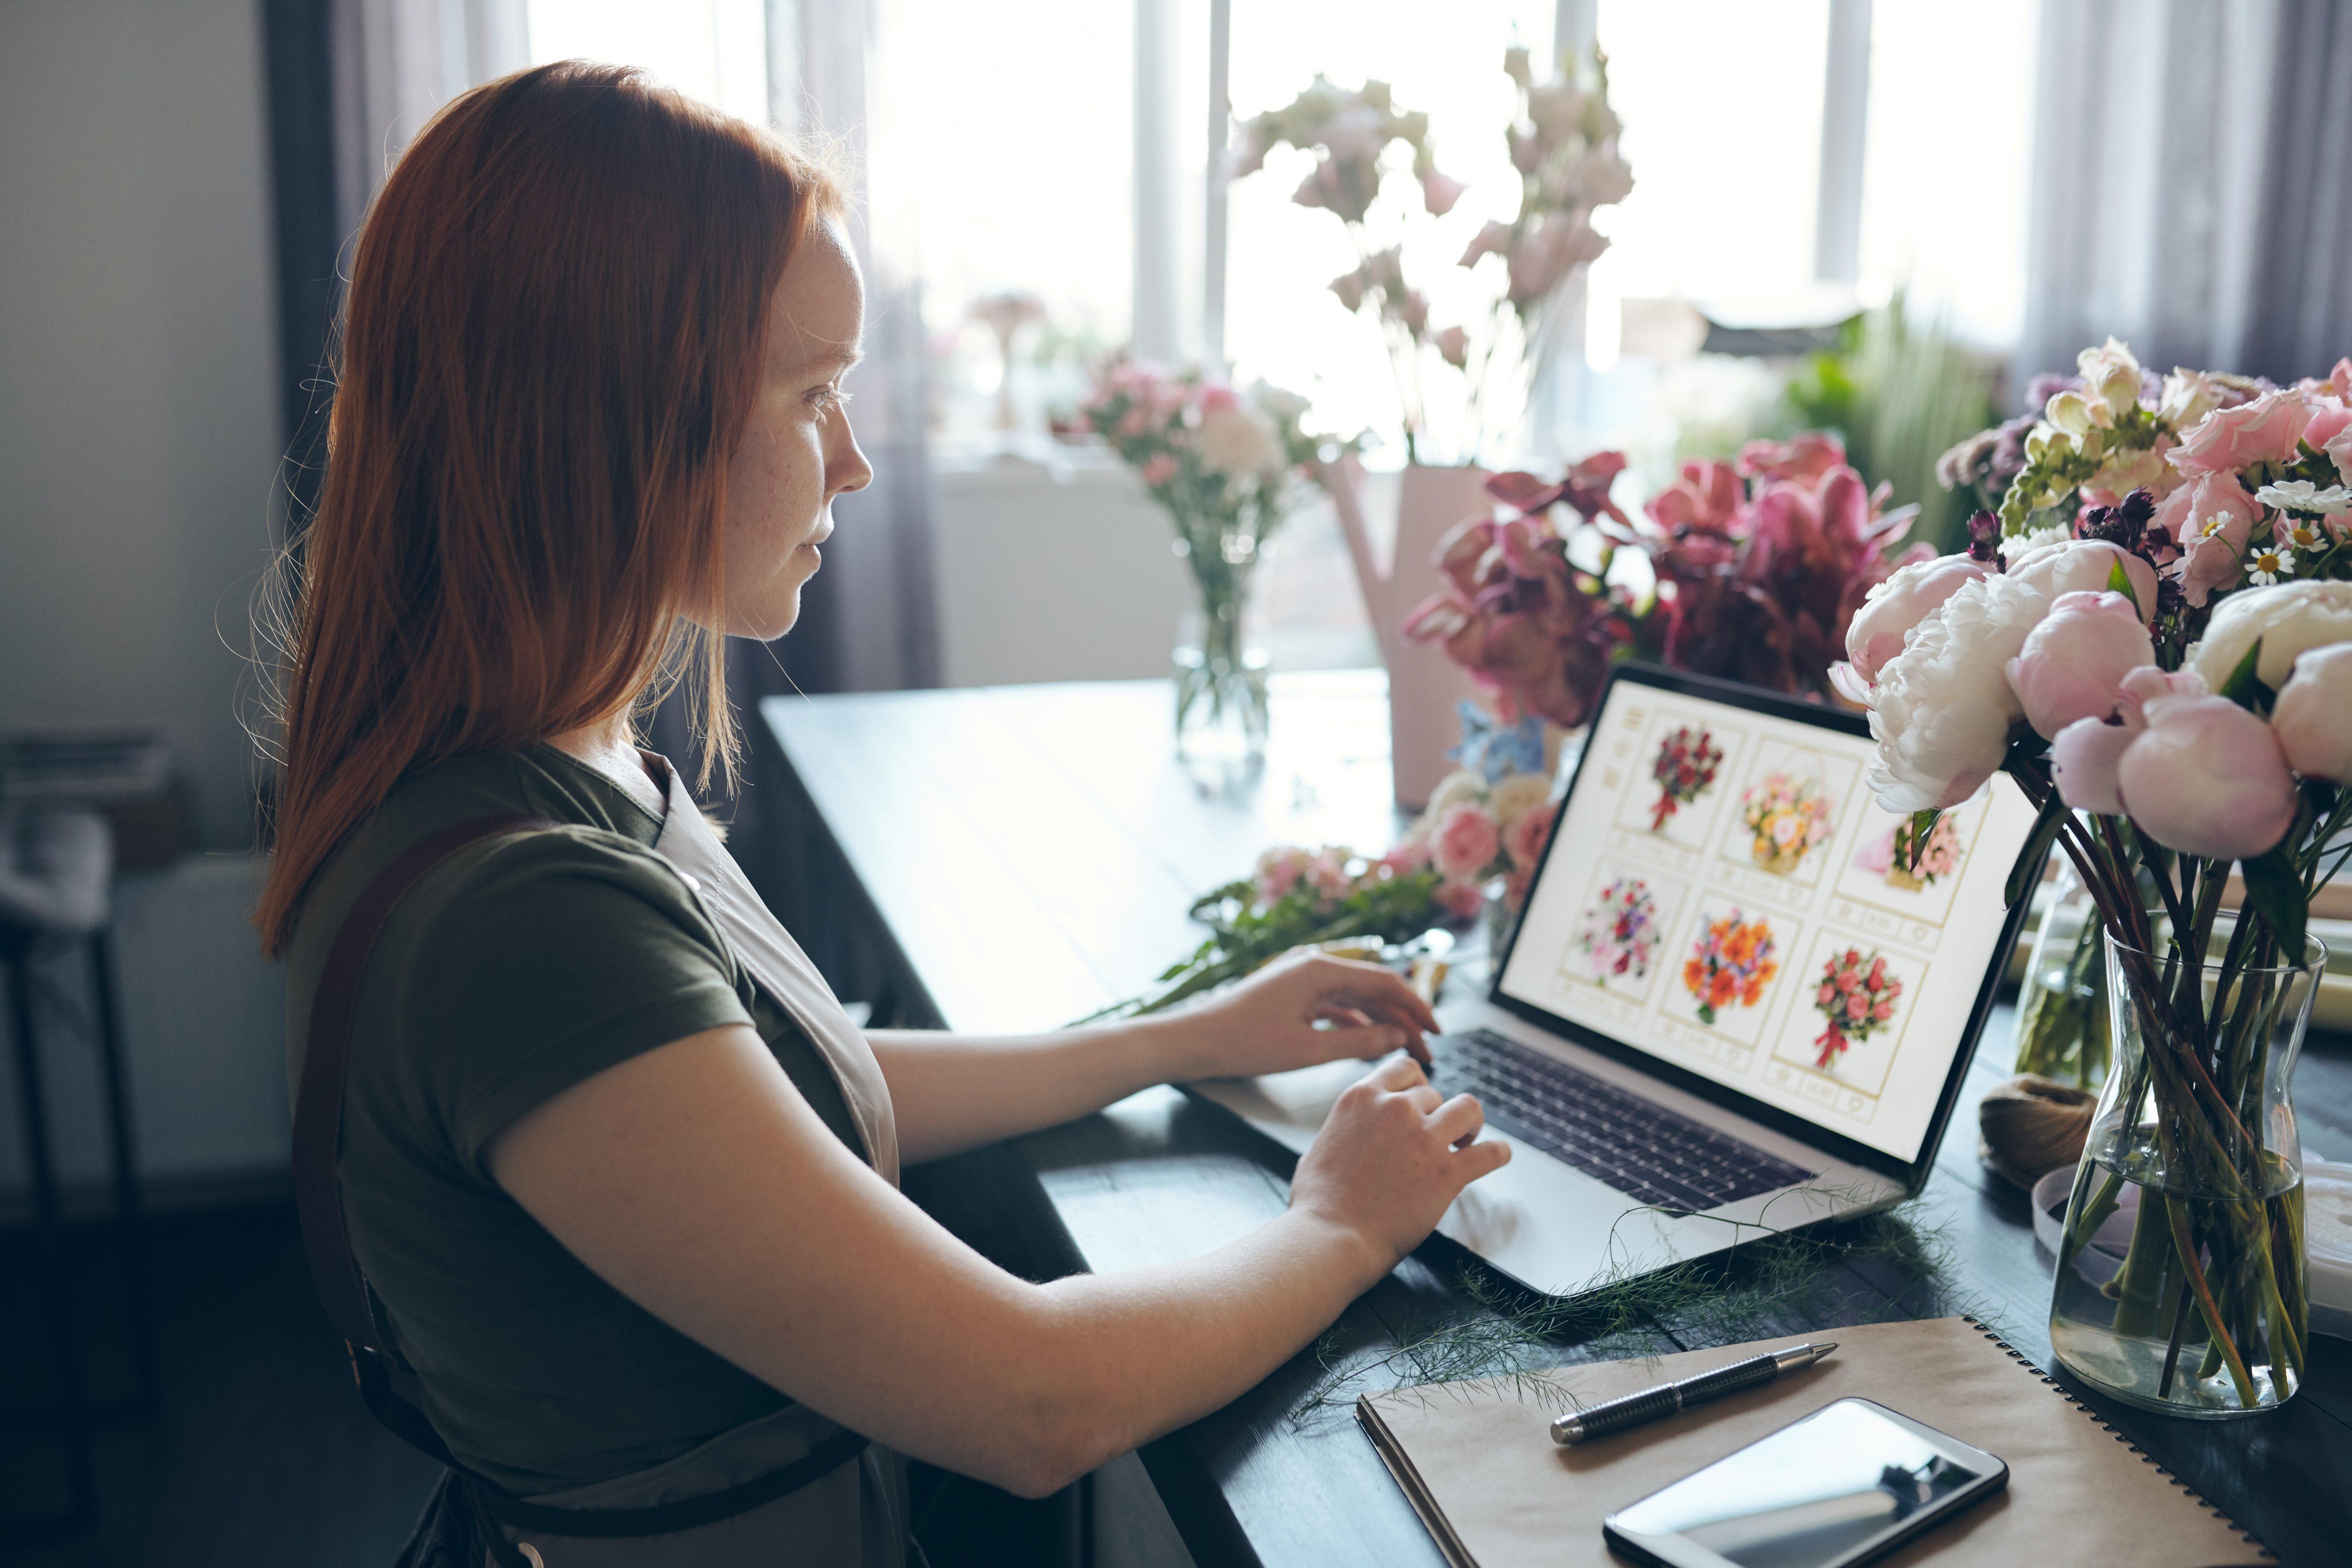 ما هي الأمور التقنية التي يجب أن تتواجد عند تصميم موقع الكتروني للمصورين؟